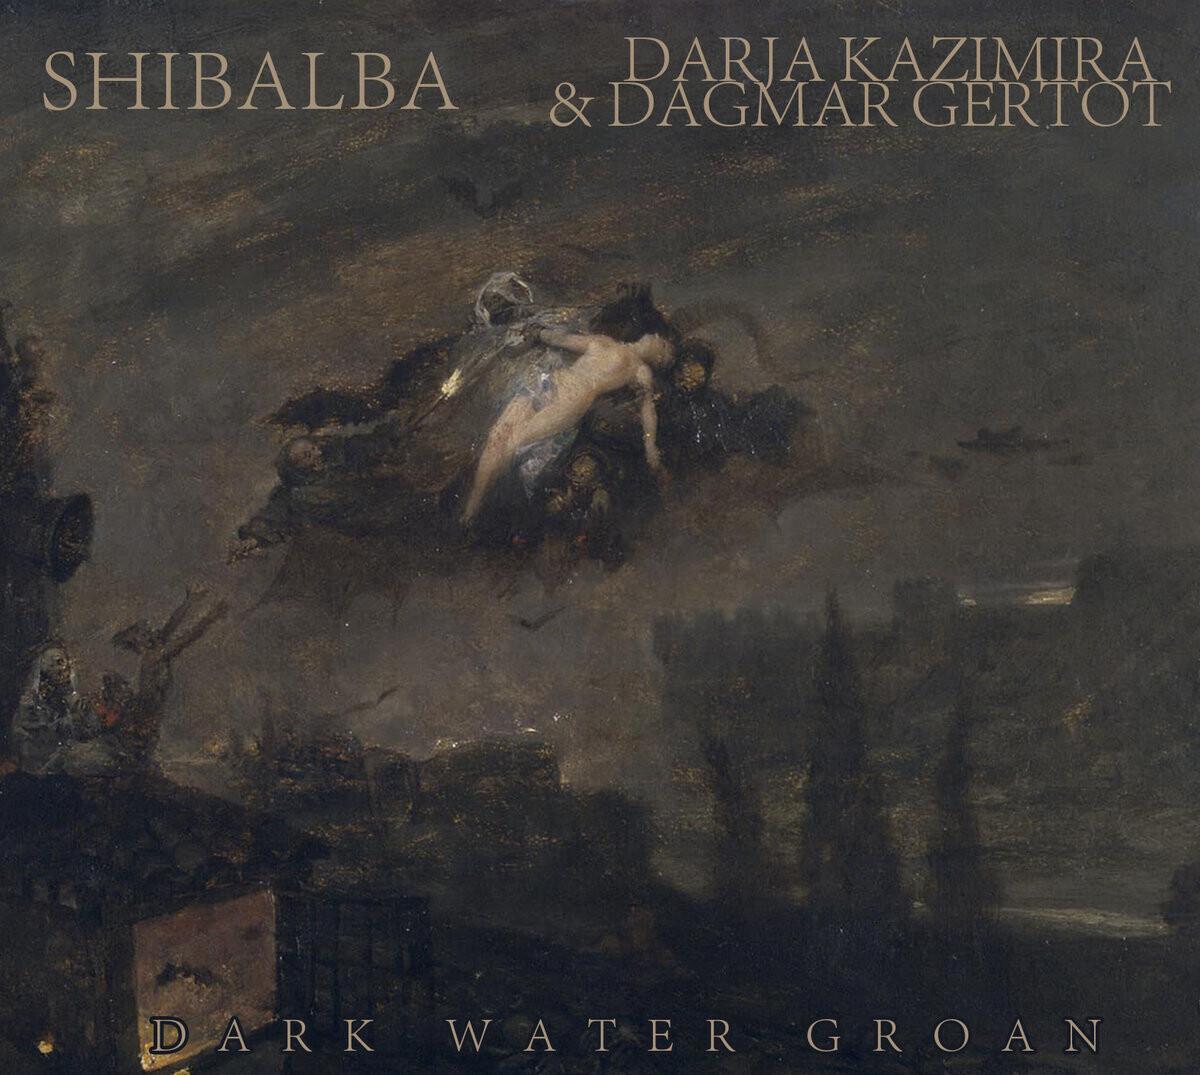 """Shibalba/Darja Kazimira & Dagmar Gertot """"Dark Water Groan"""" Digipack Edition"""